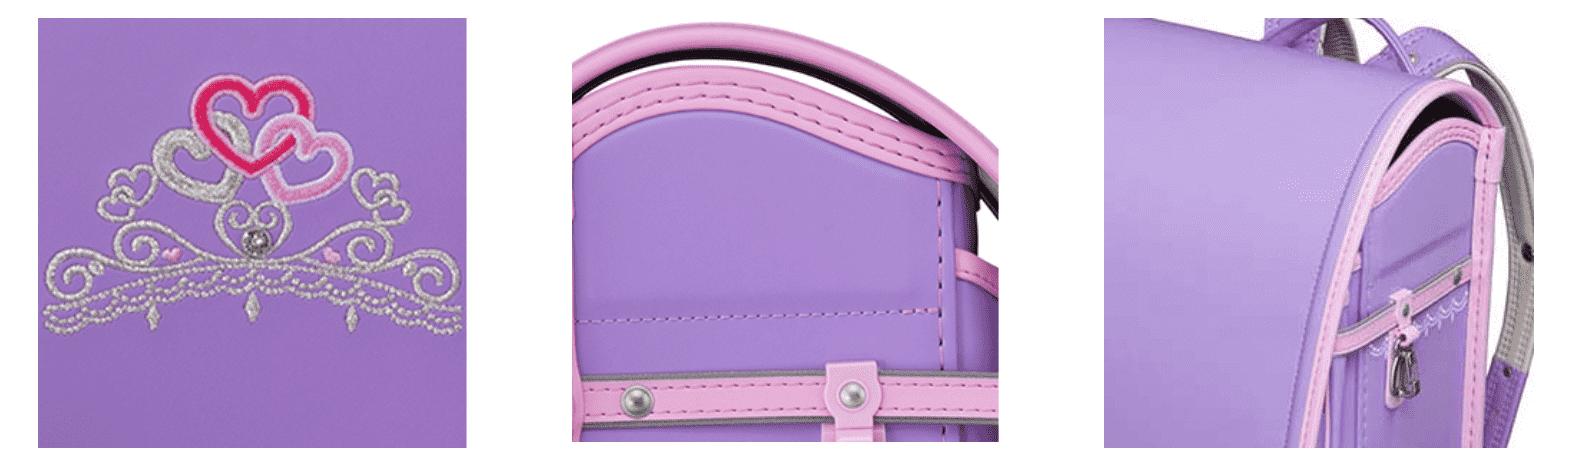 紫色のランドセル